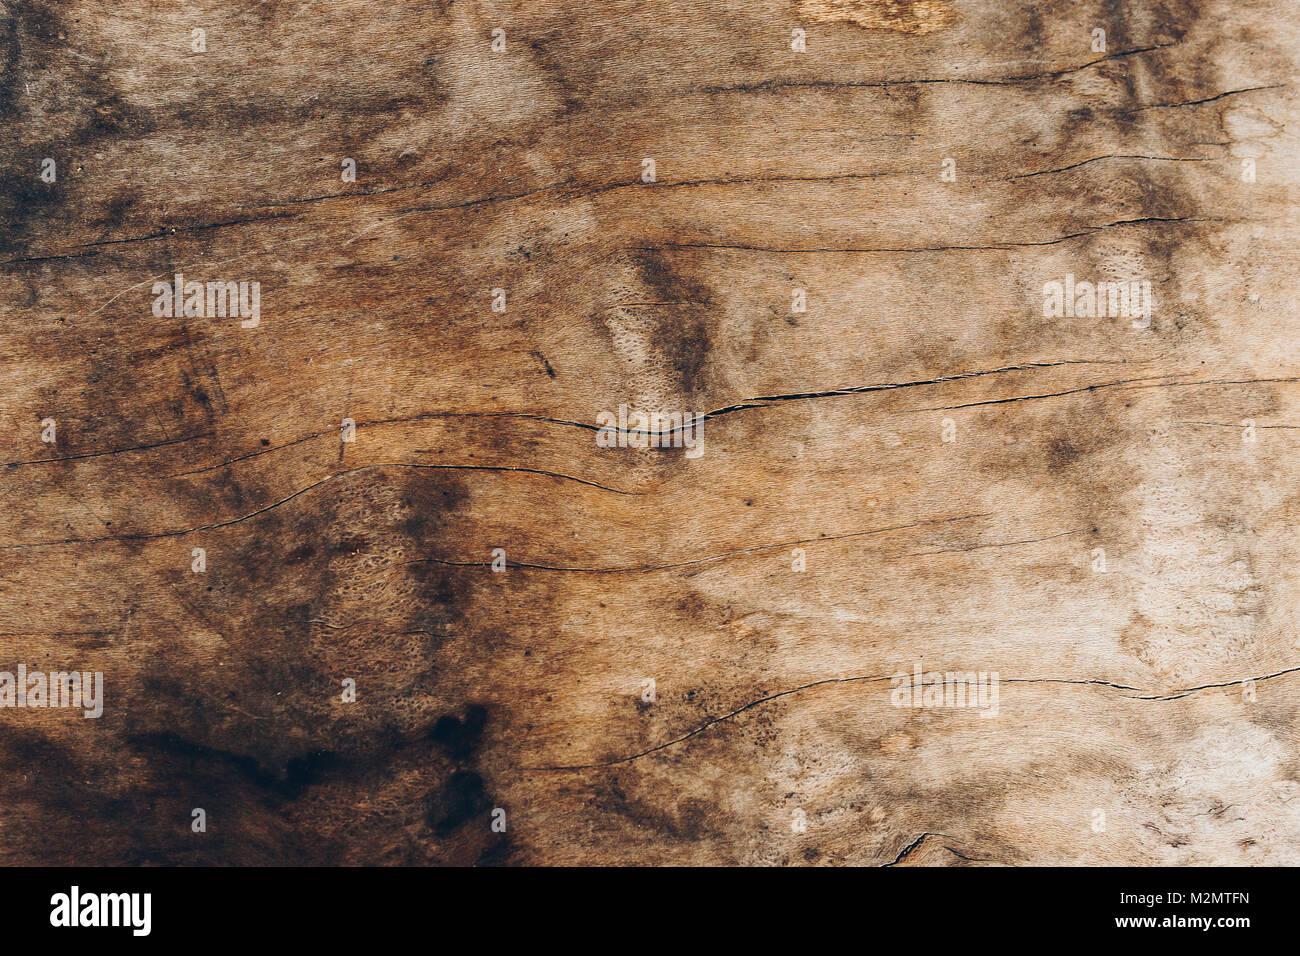 Il legno vecchio texture pattern di sfondo Foto Stock